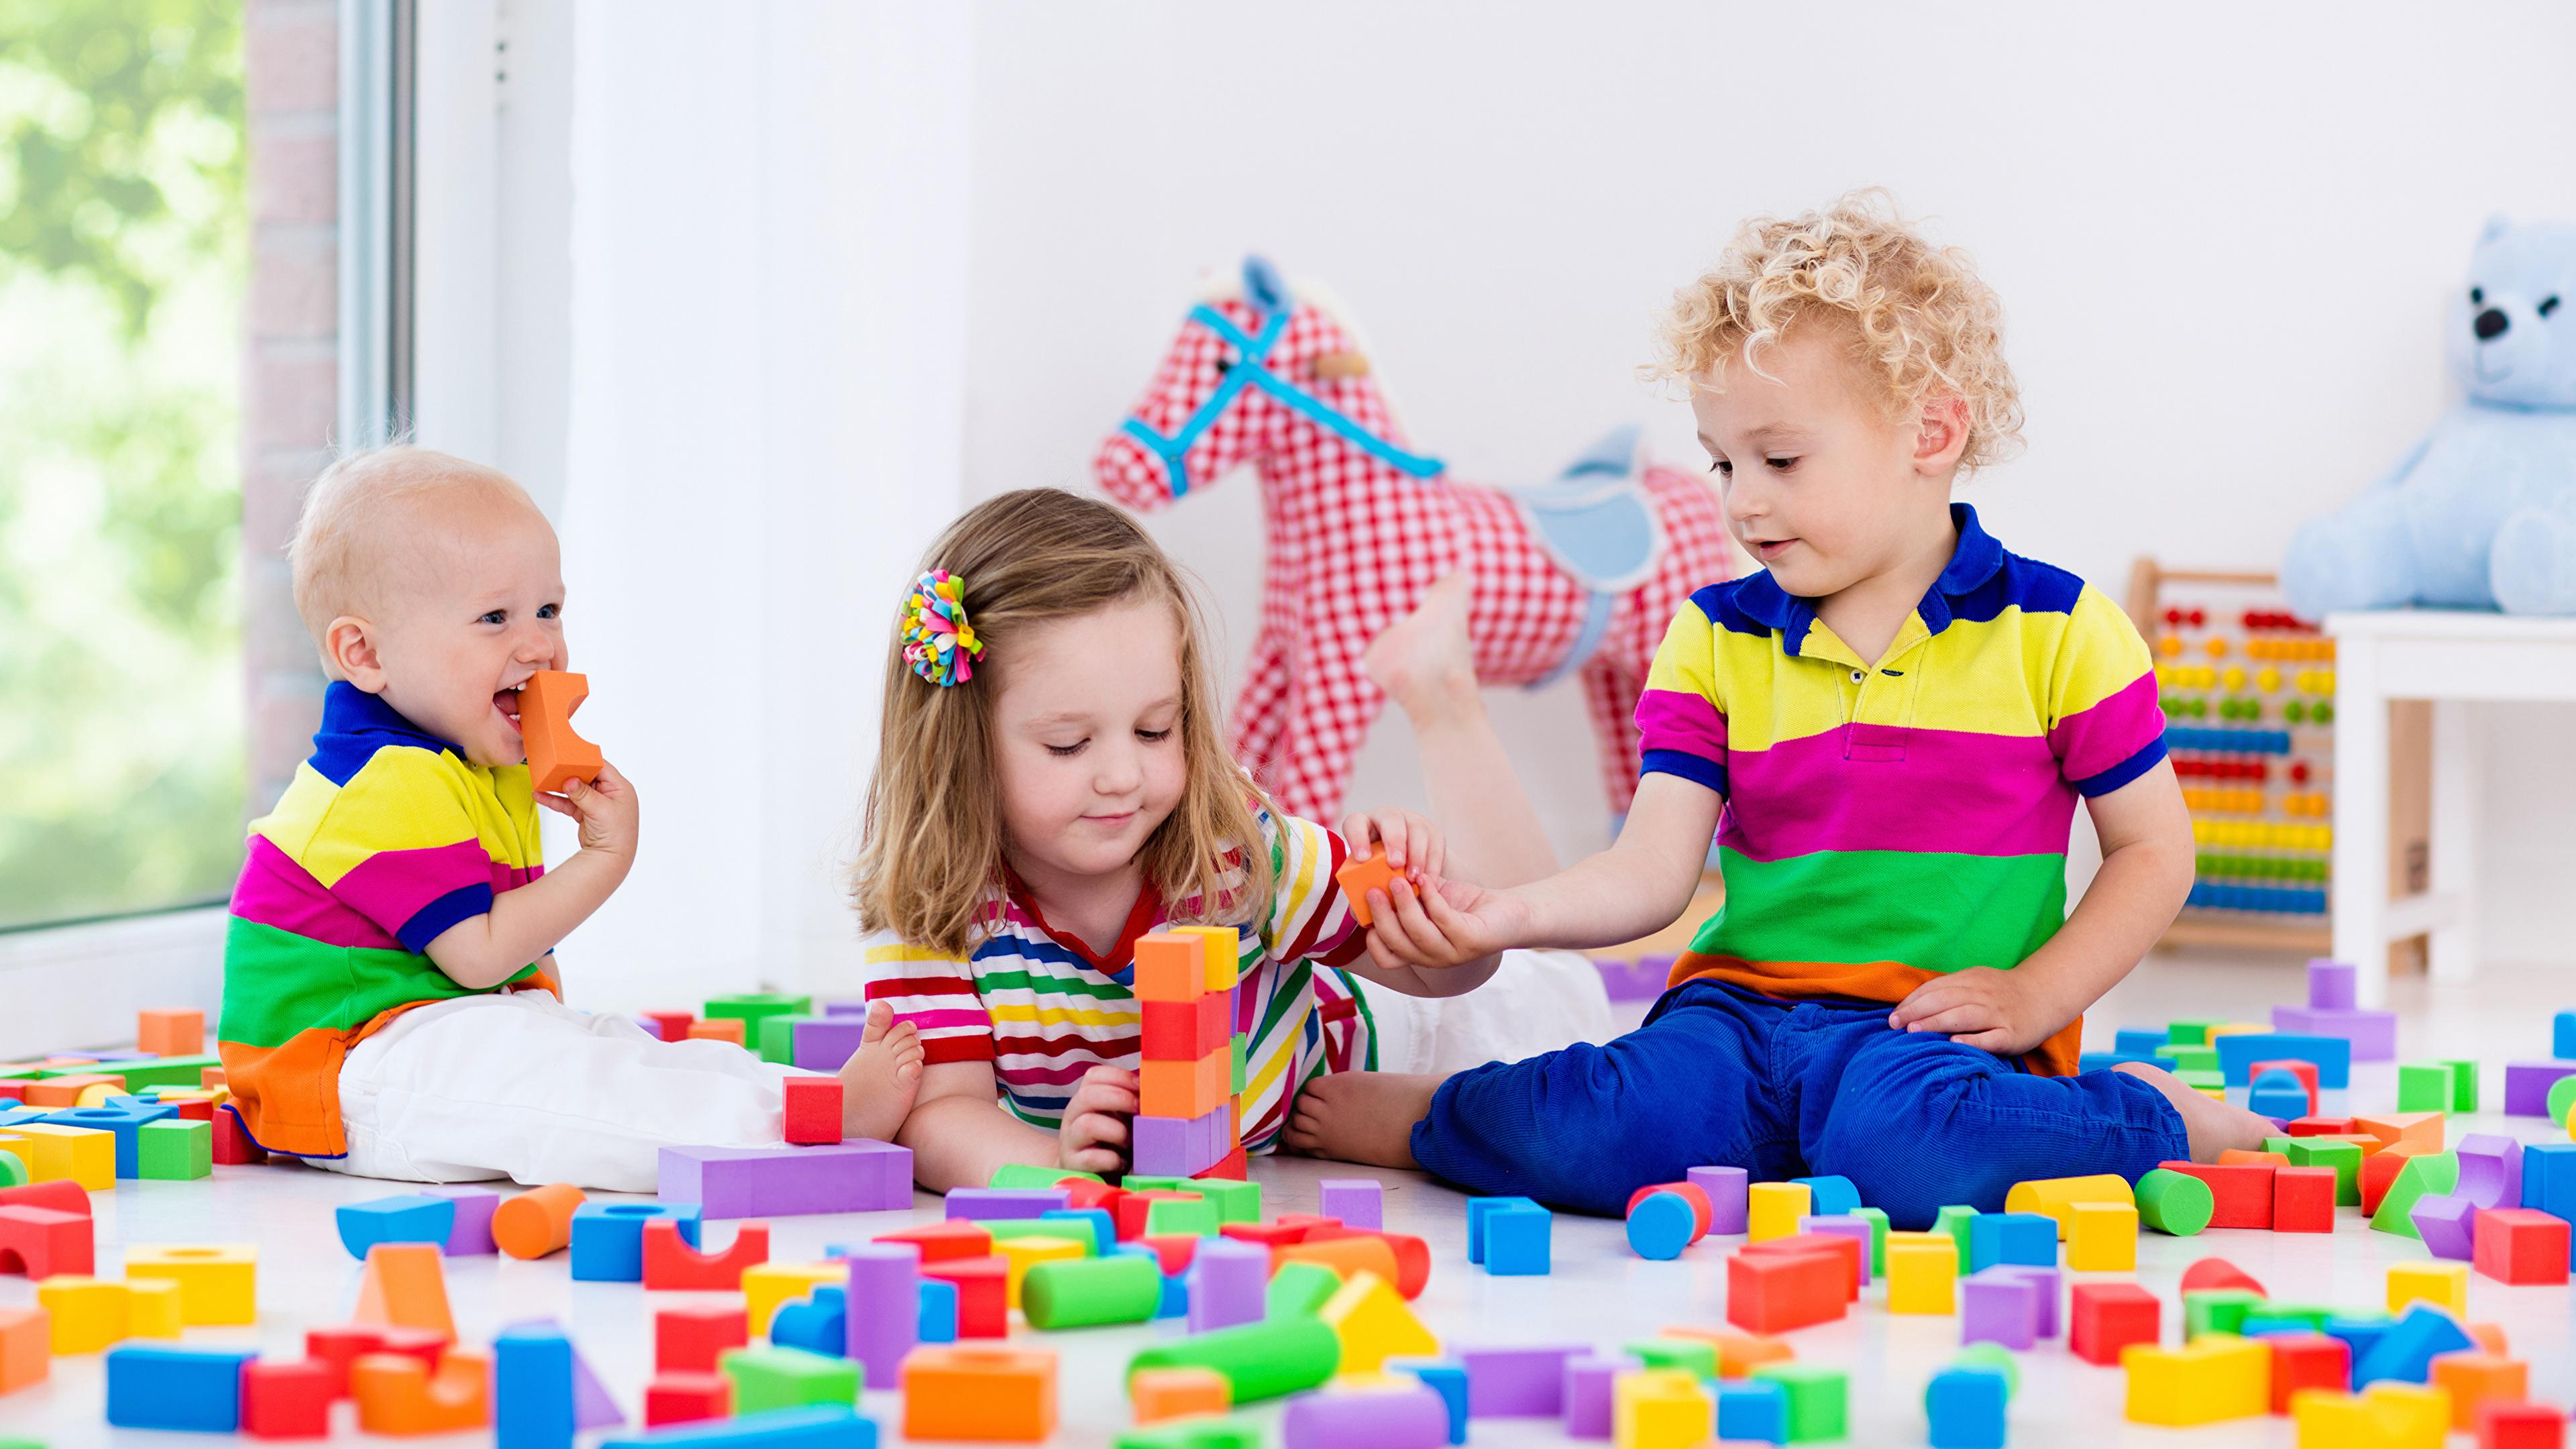 Фото Девочки мальчик грудной ребёнок Дети Трое 3 Игрушки 3840x2160 девочка Младенцы Мальчики младенца младенец мальчишки мальчишка ребёнок три втроем игрушка